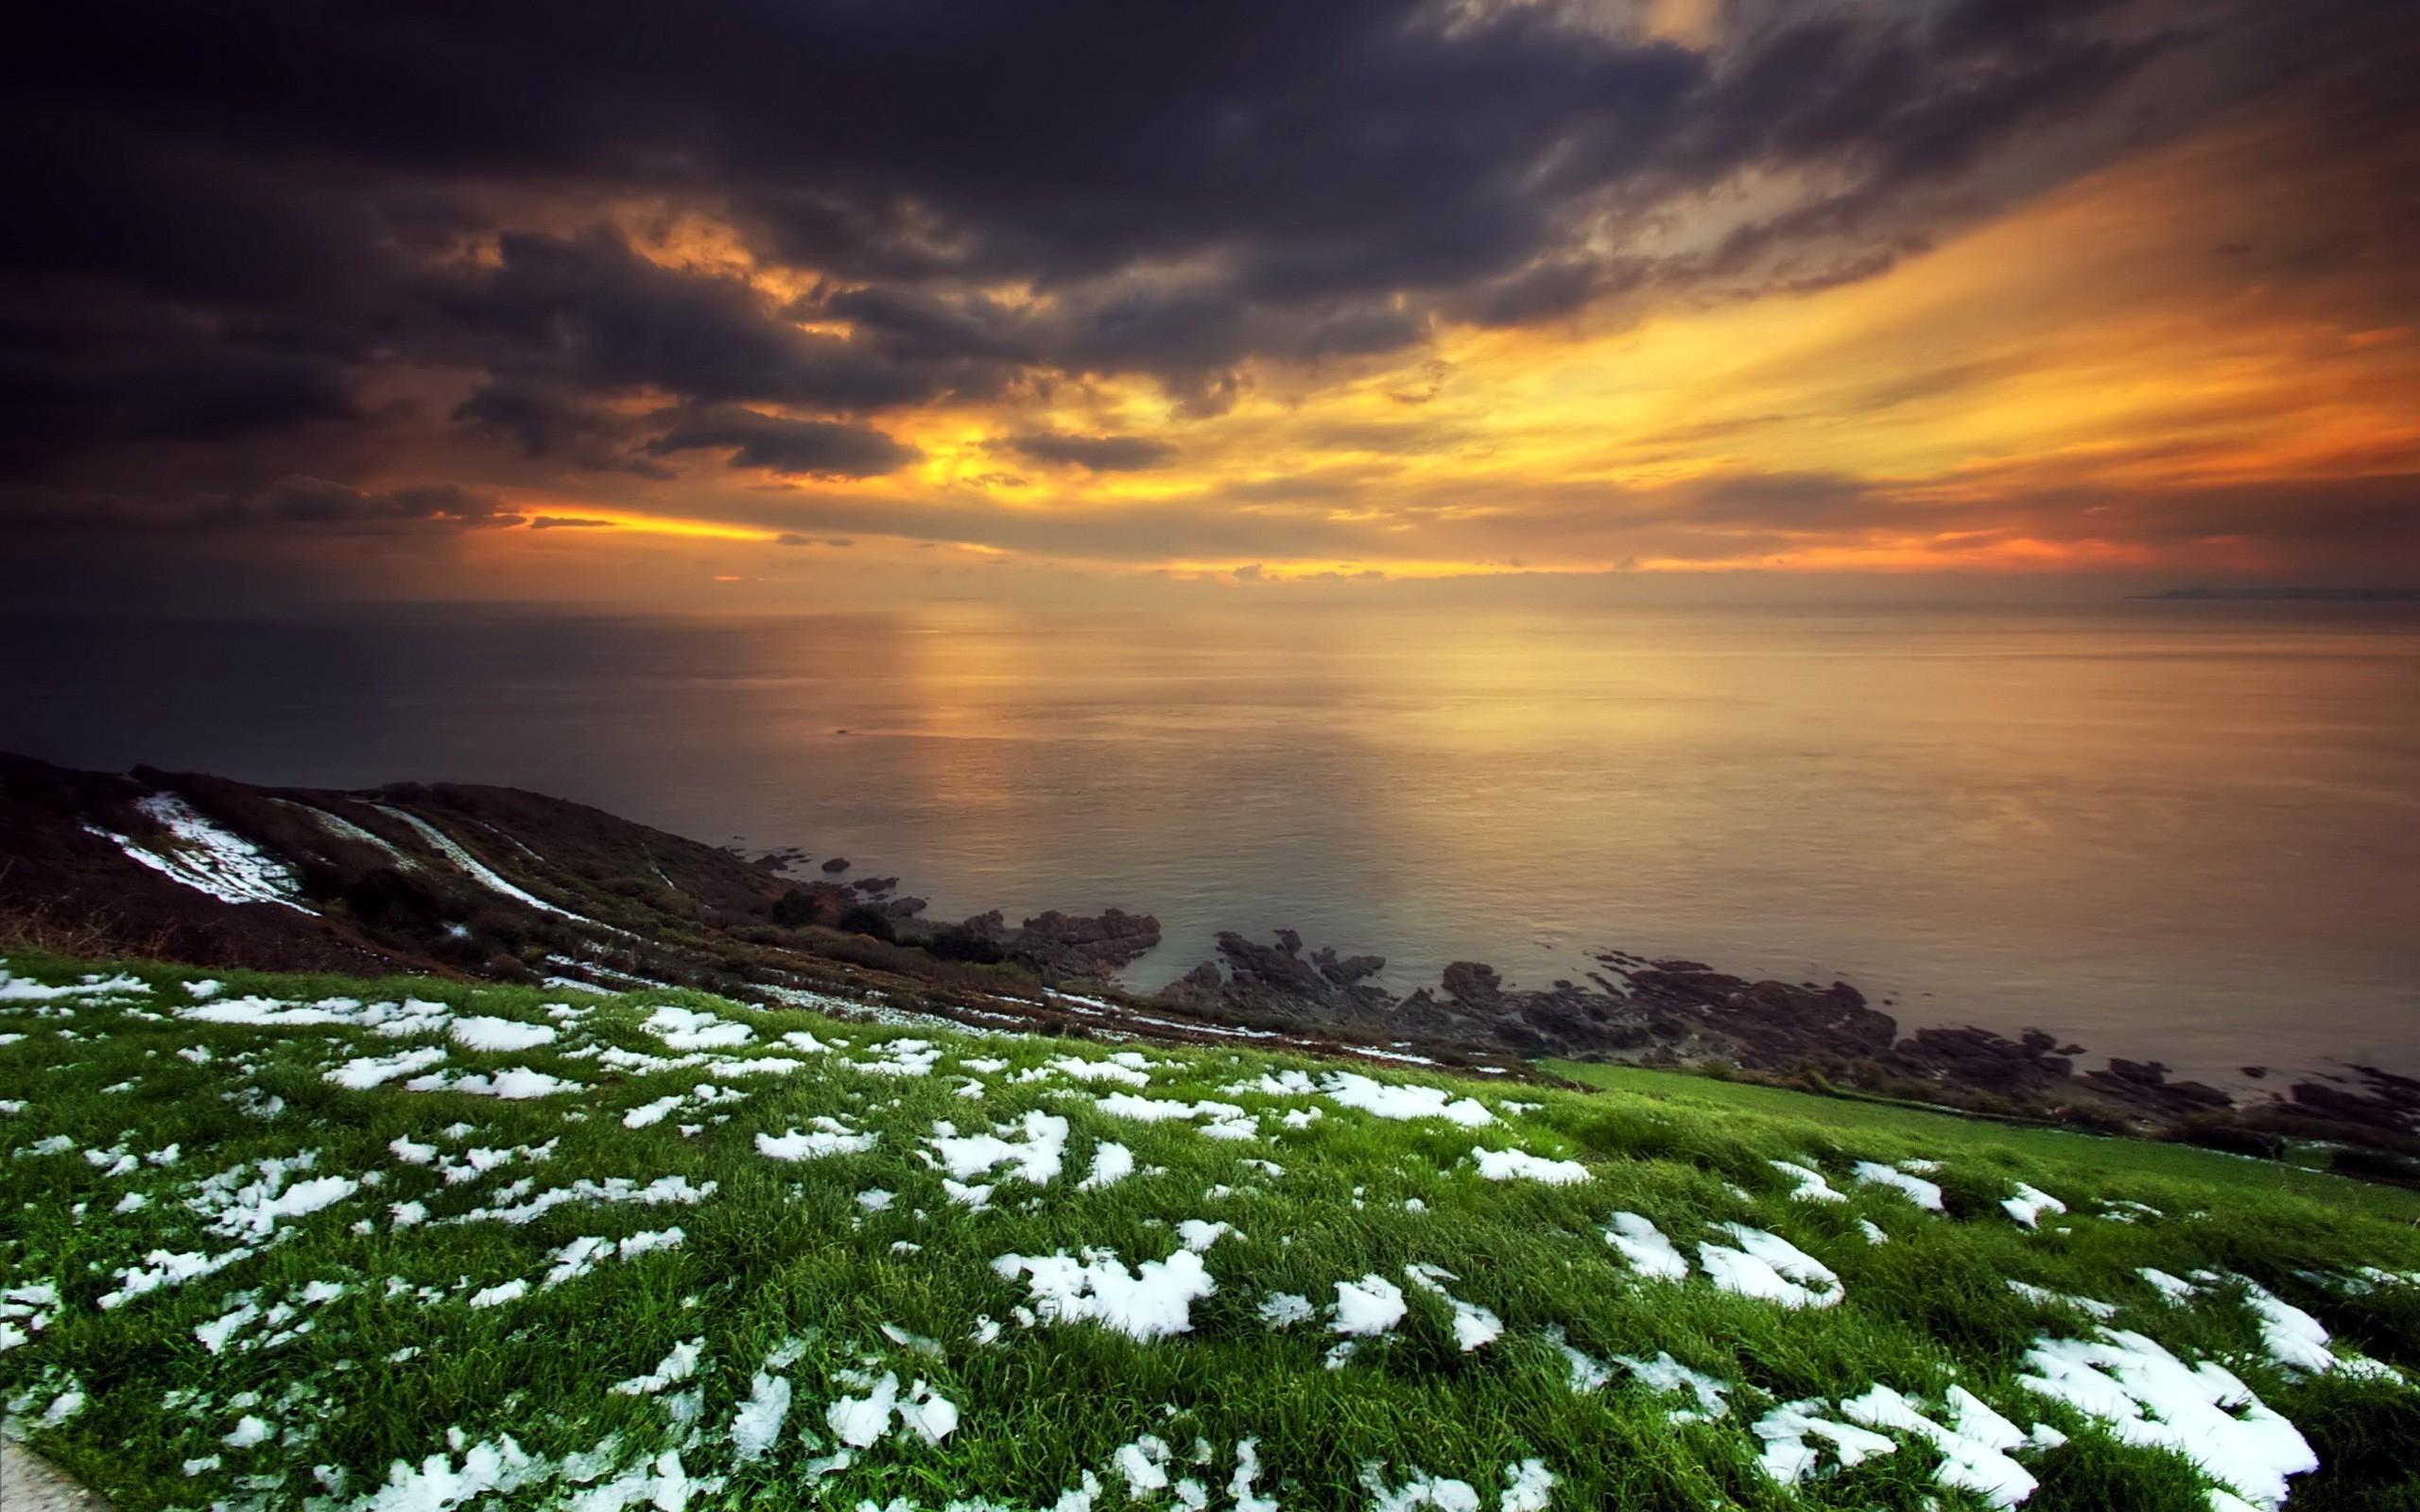 стихия картинки небо трава вода всвою очередь